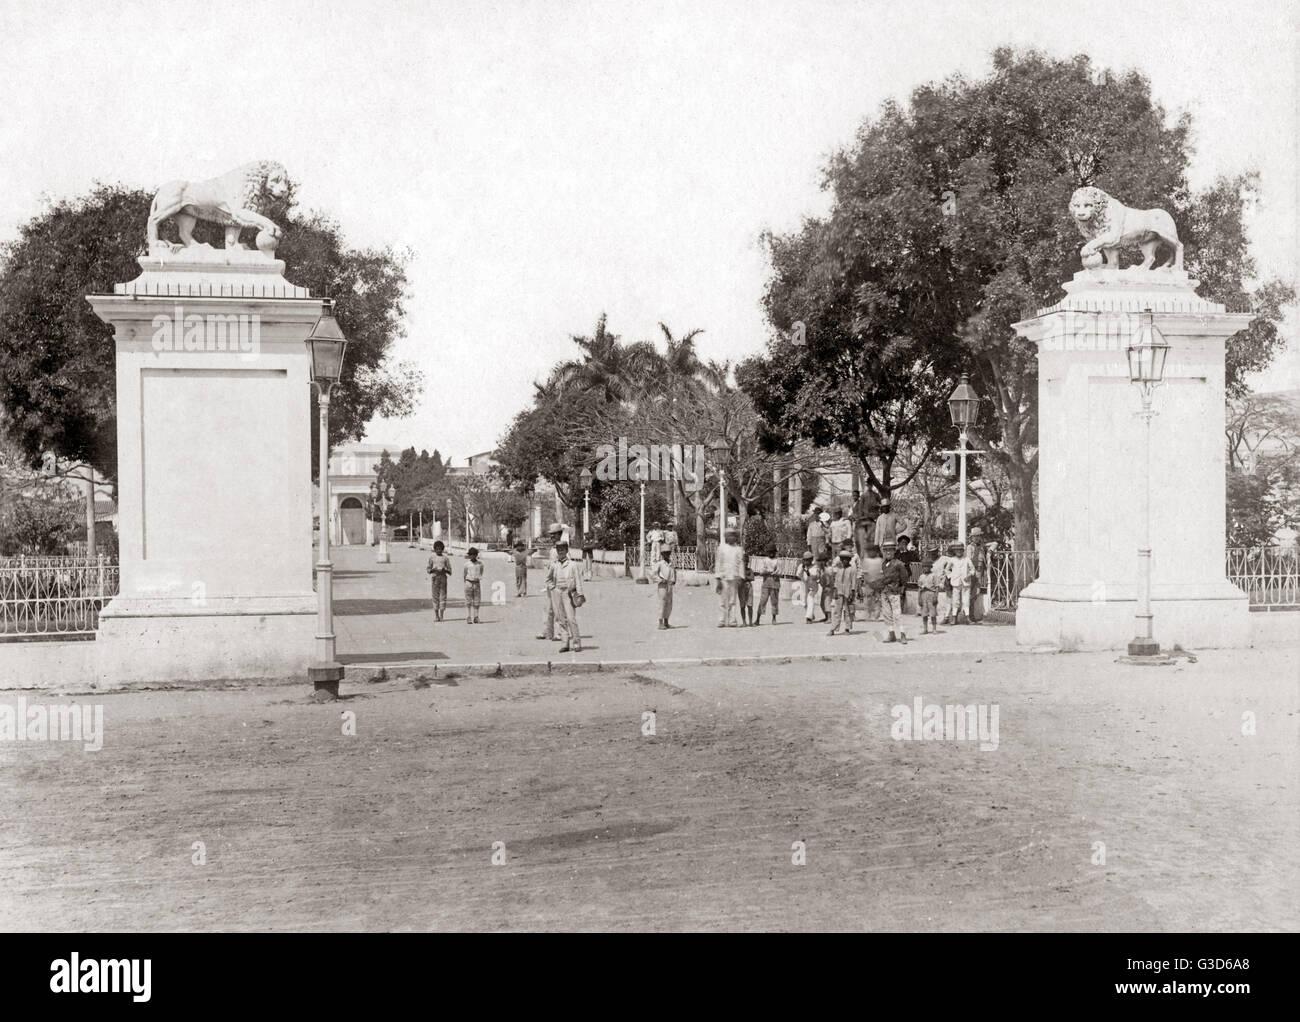 Entrance to the Plaza, probably Cienfuegos, Cuba, circa 1900.     Date: circa 1900 Stock Photo